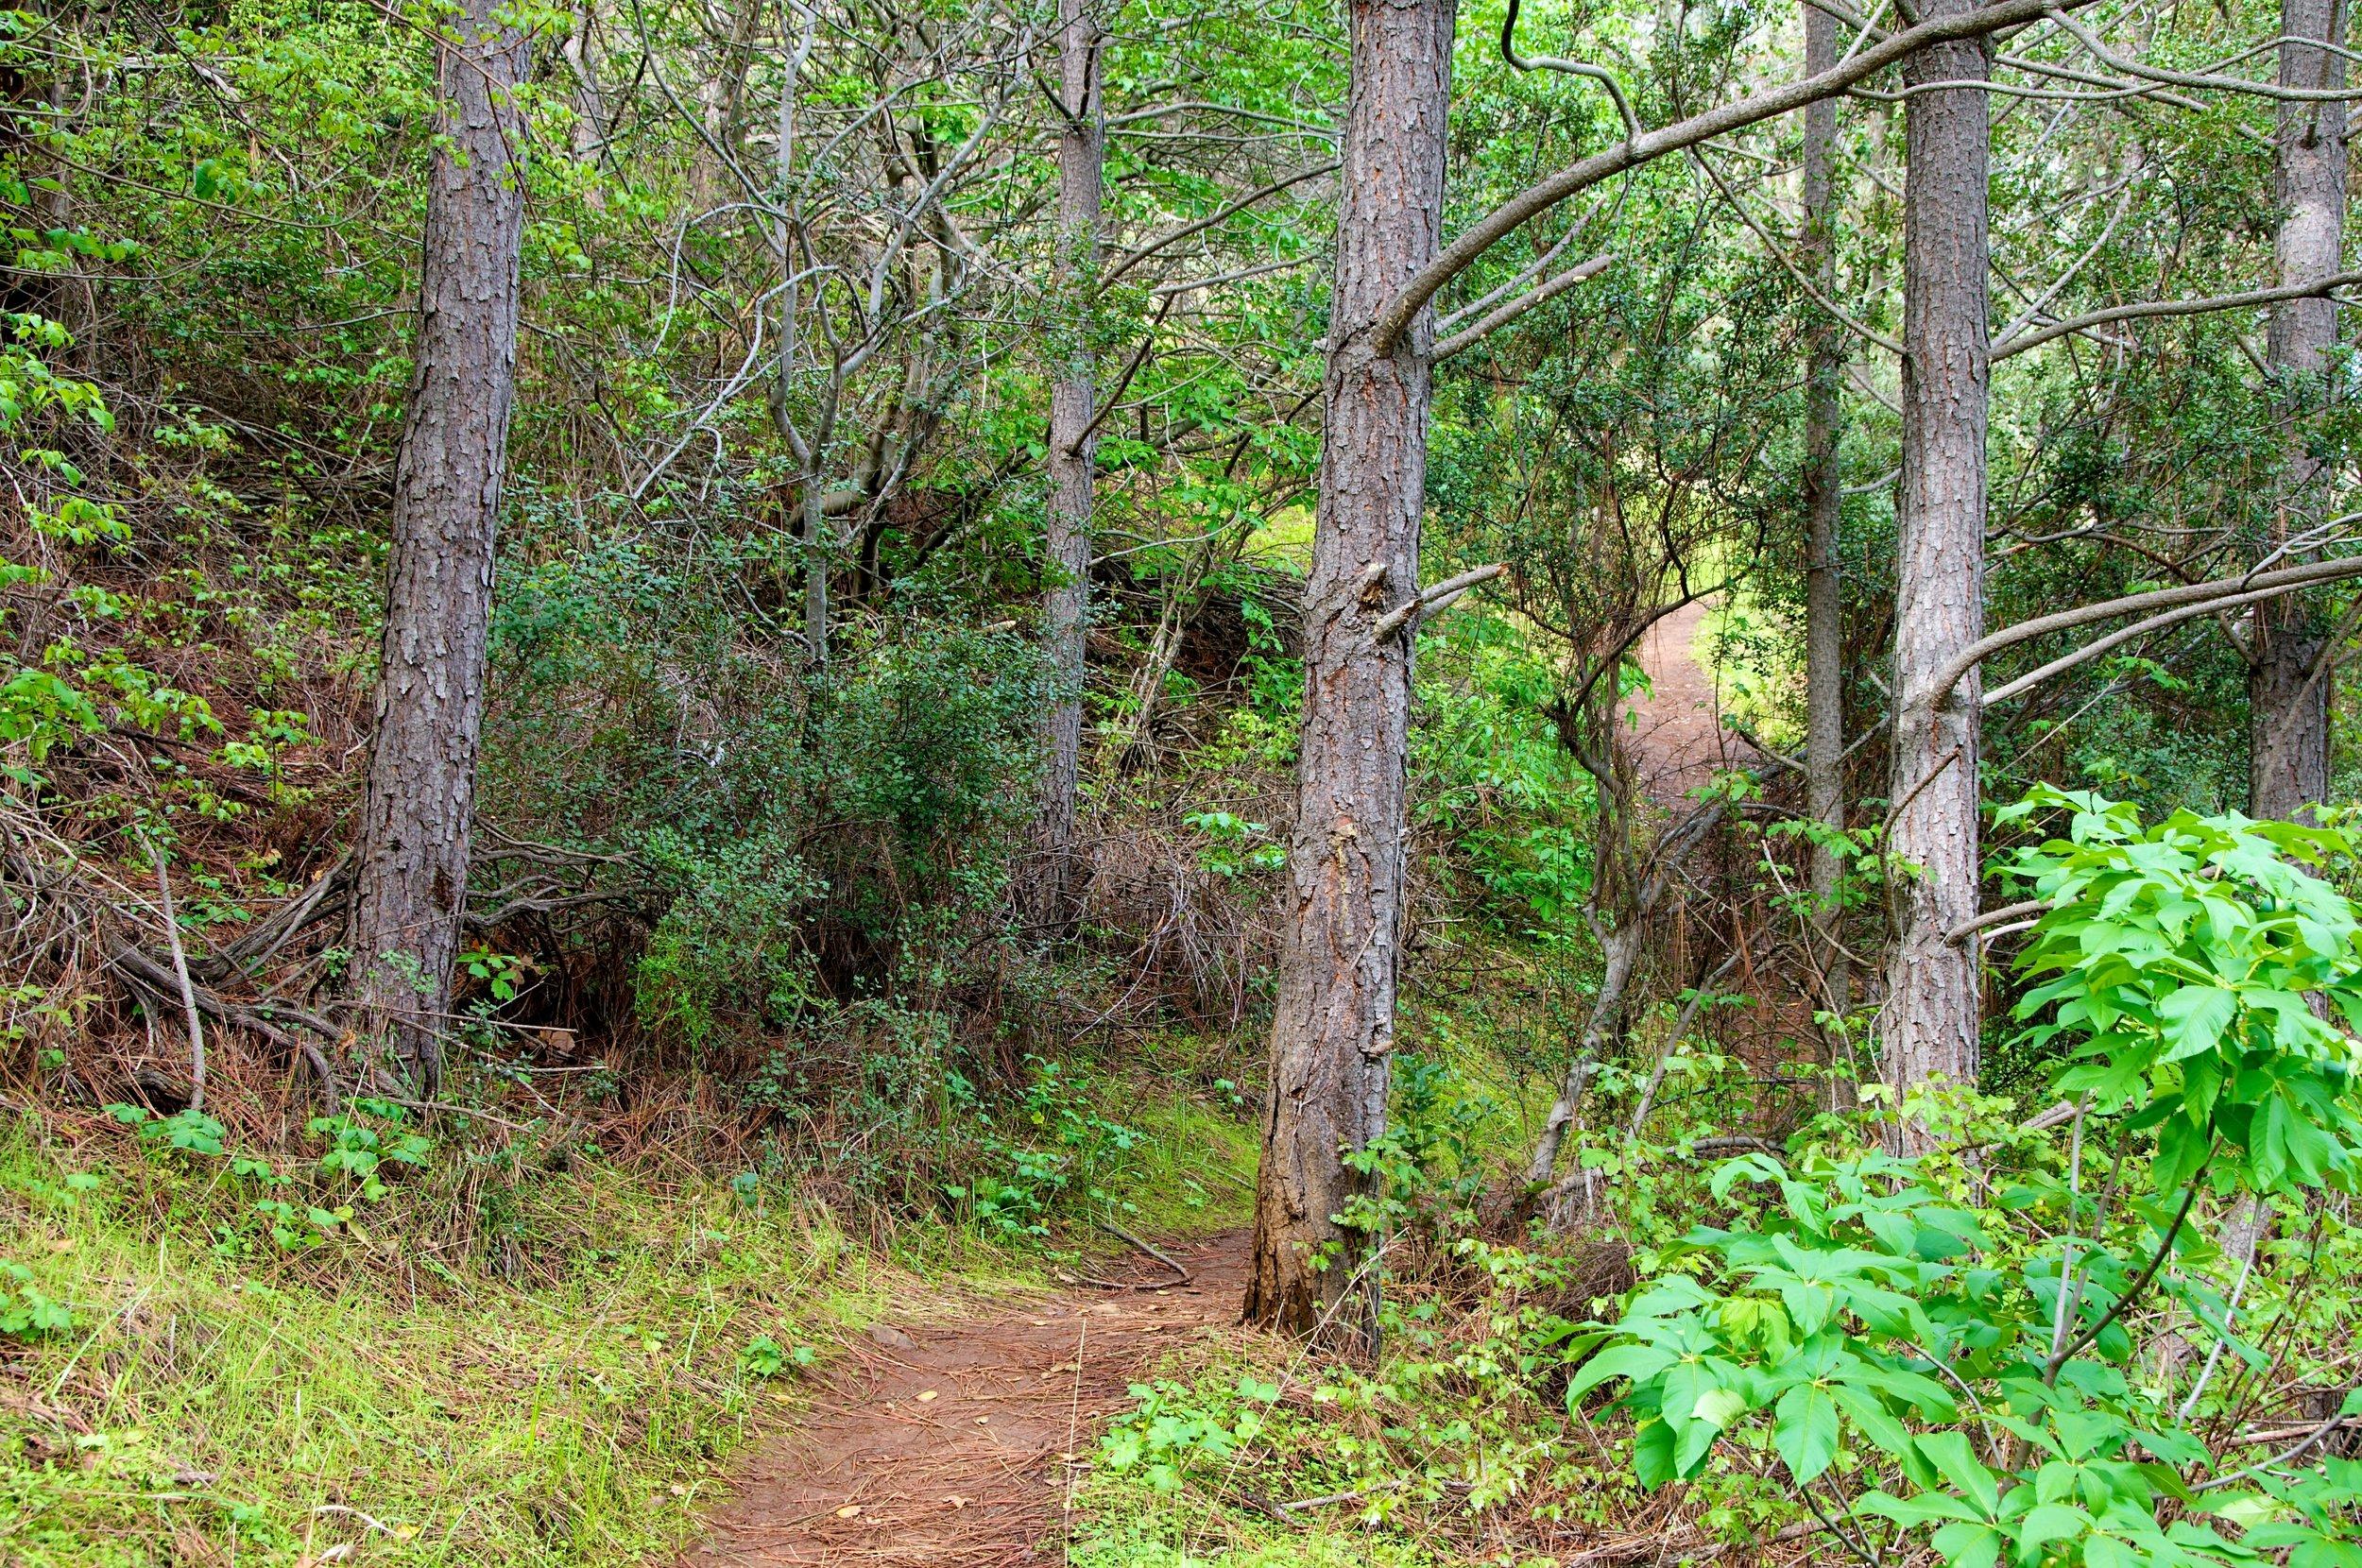 Mt. Diablo Hike 2_12_2011 - 2011-02-21 at 10-42-59.jpg